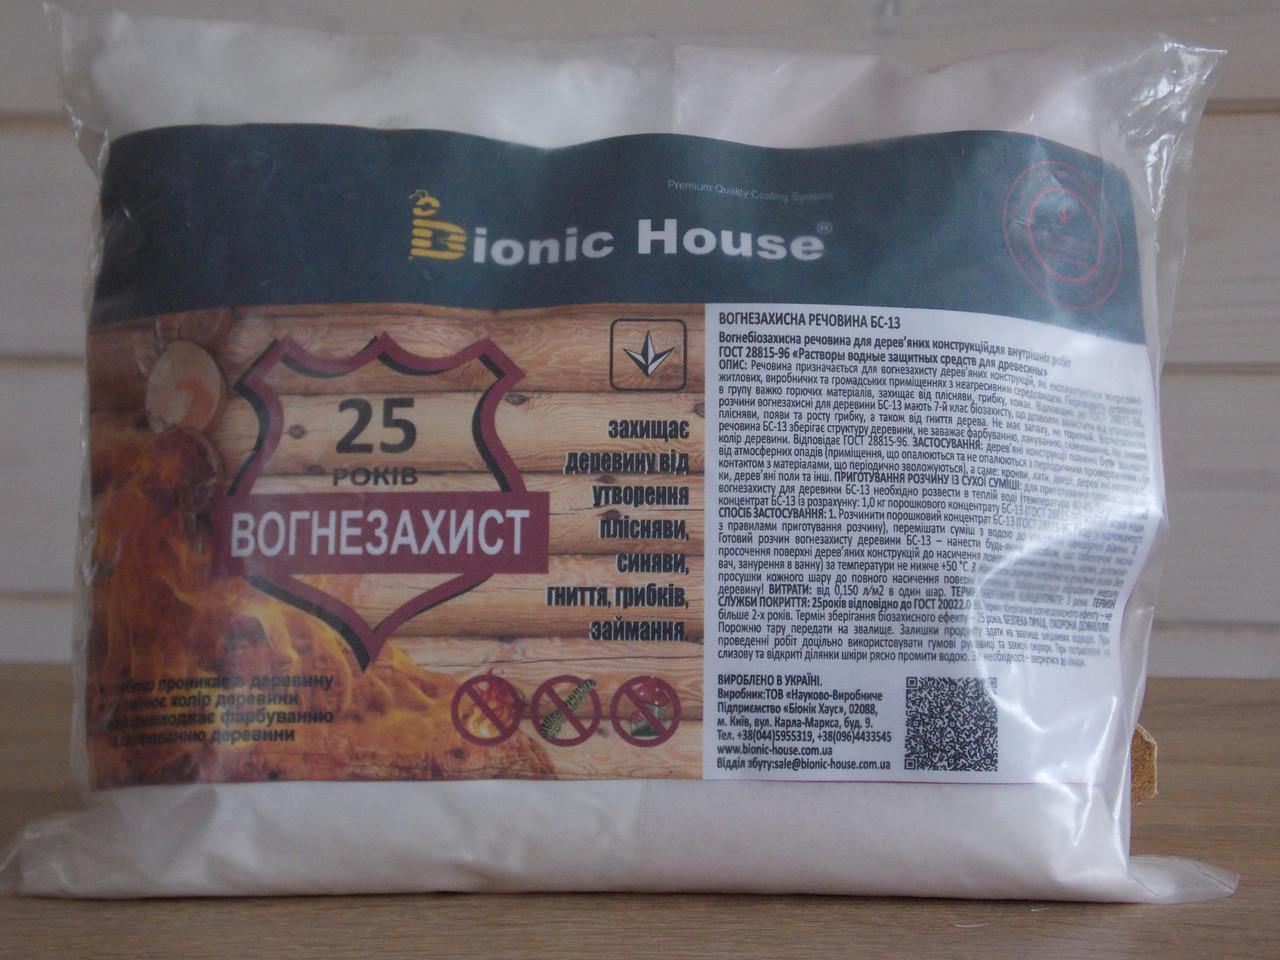 Огнезащитный состав для деревянных конструкций БС-13 ГОСТ Бионик Хаус 3 кг  - НОВА МЕТА инструменты, садовая техника, лаки краски в Харькове